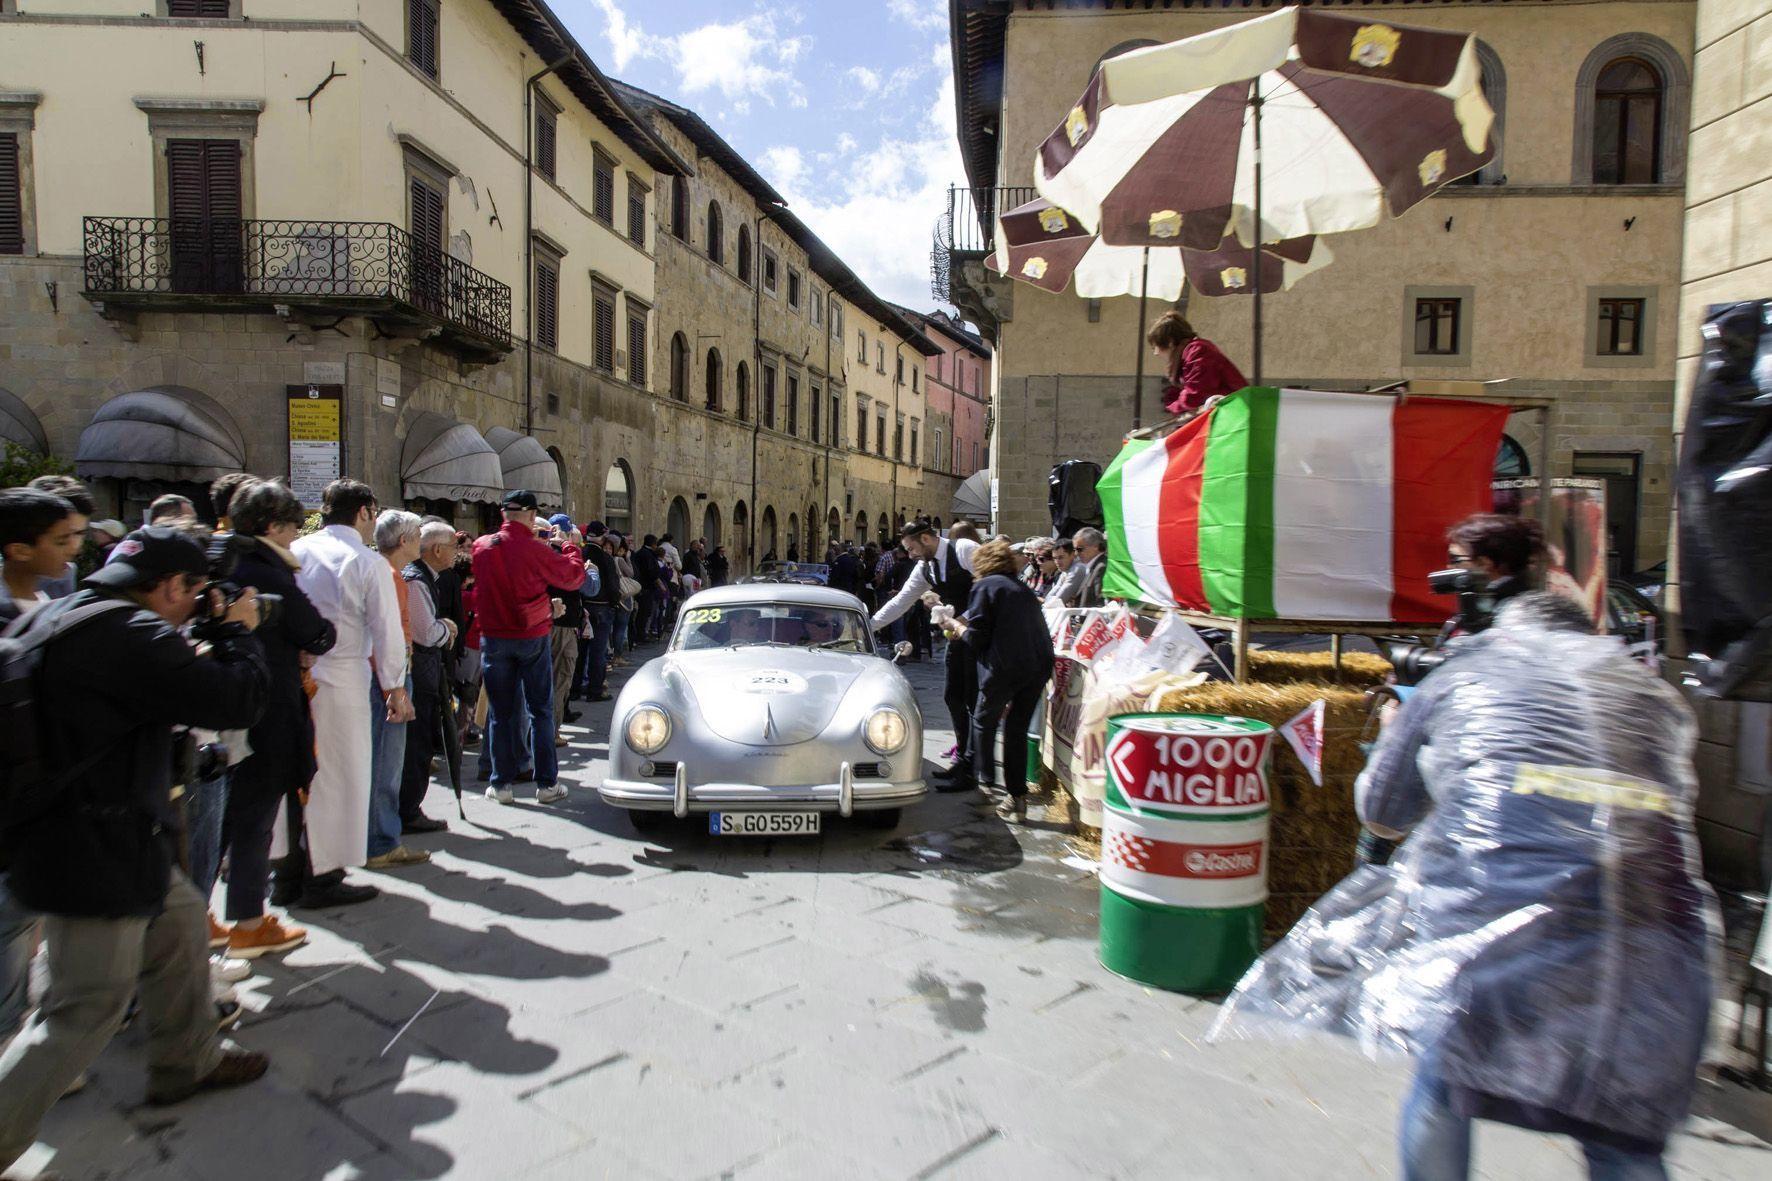 mid Groß-Gerau - Die Oldtimer-Rallye Mille Miglia zieht jährlich Tausende Auto-Fans in ihren Bann.